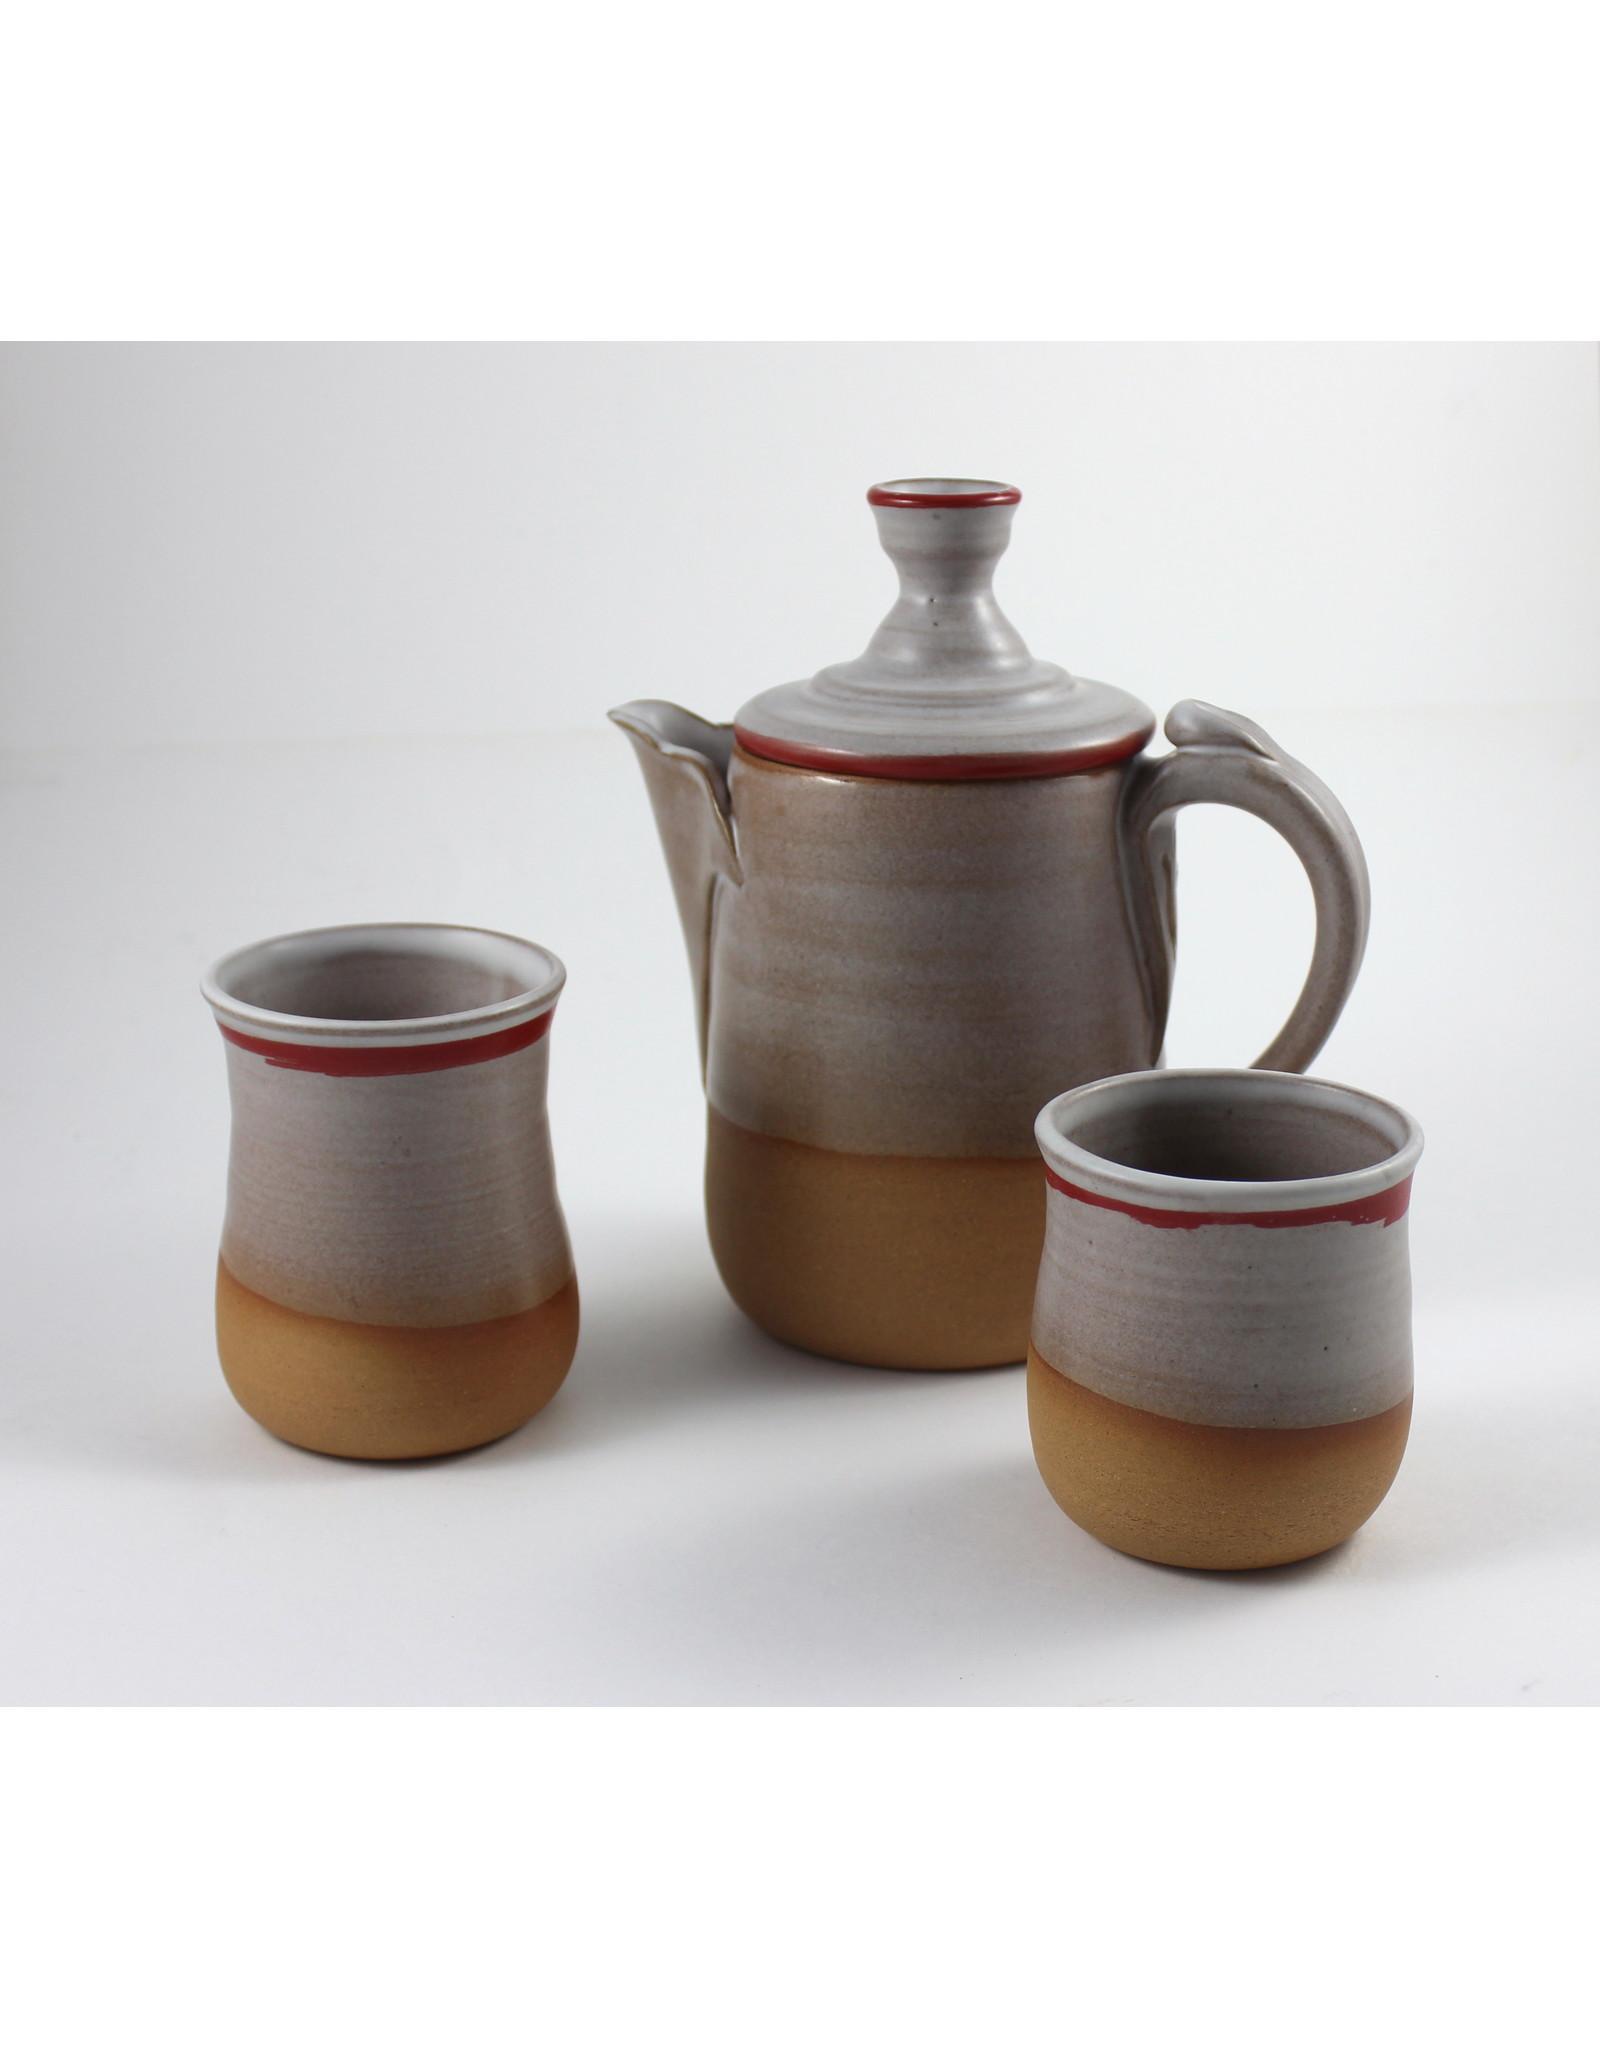 Jitka Zgola Red Stripe Tea Set by Jitka Zgola